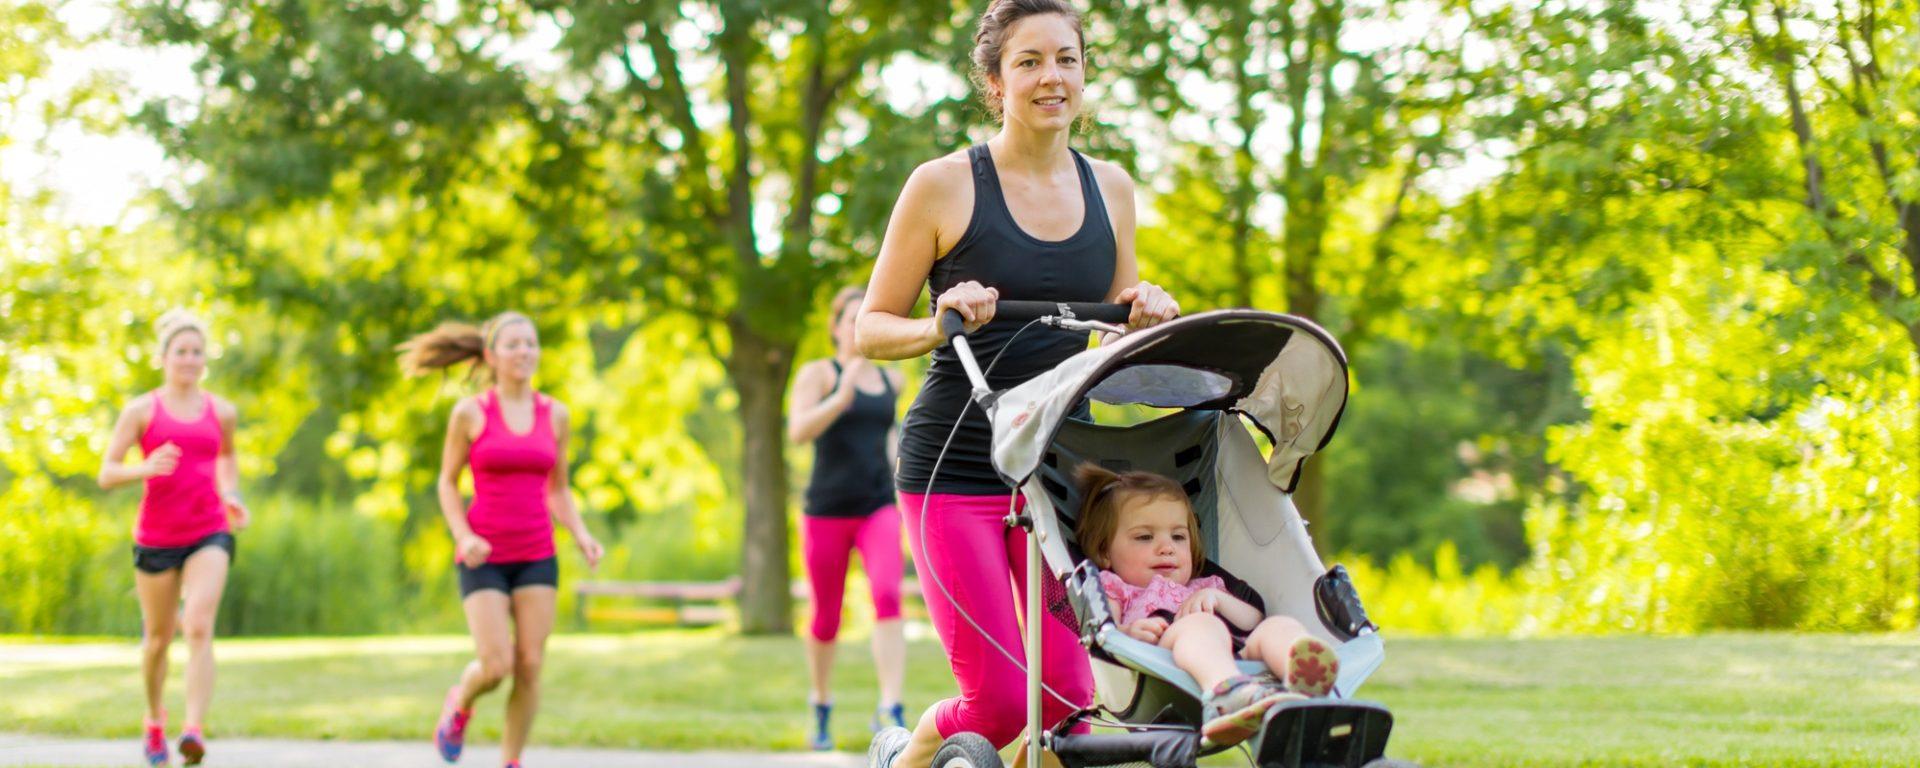 Mamirobic - Trendsport mit Kinderwagen